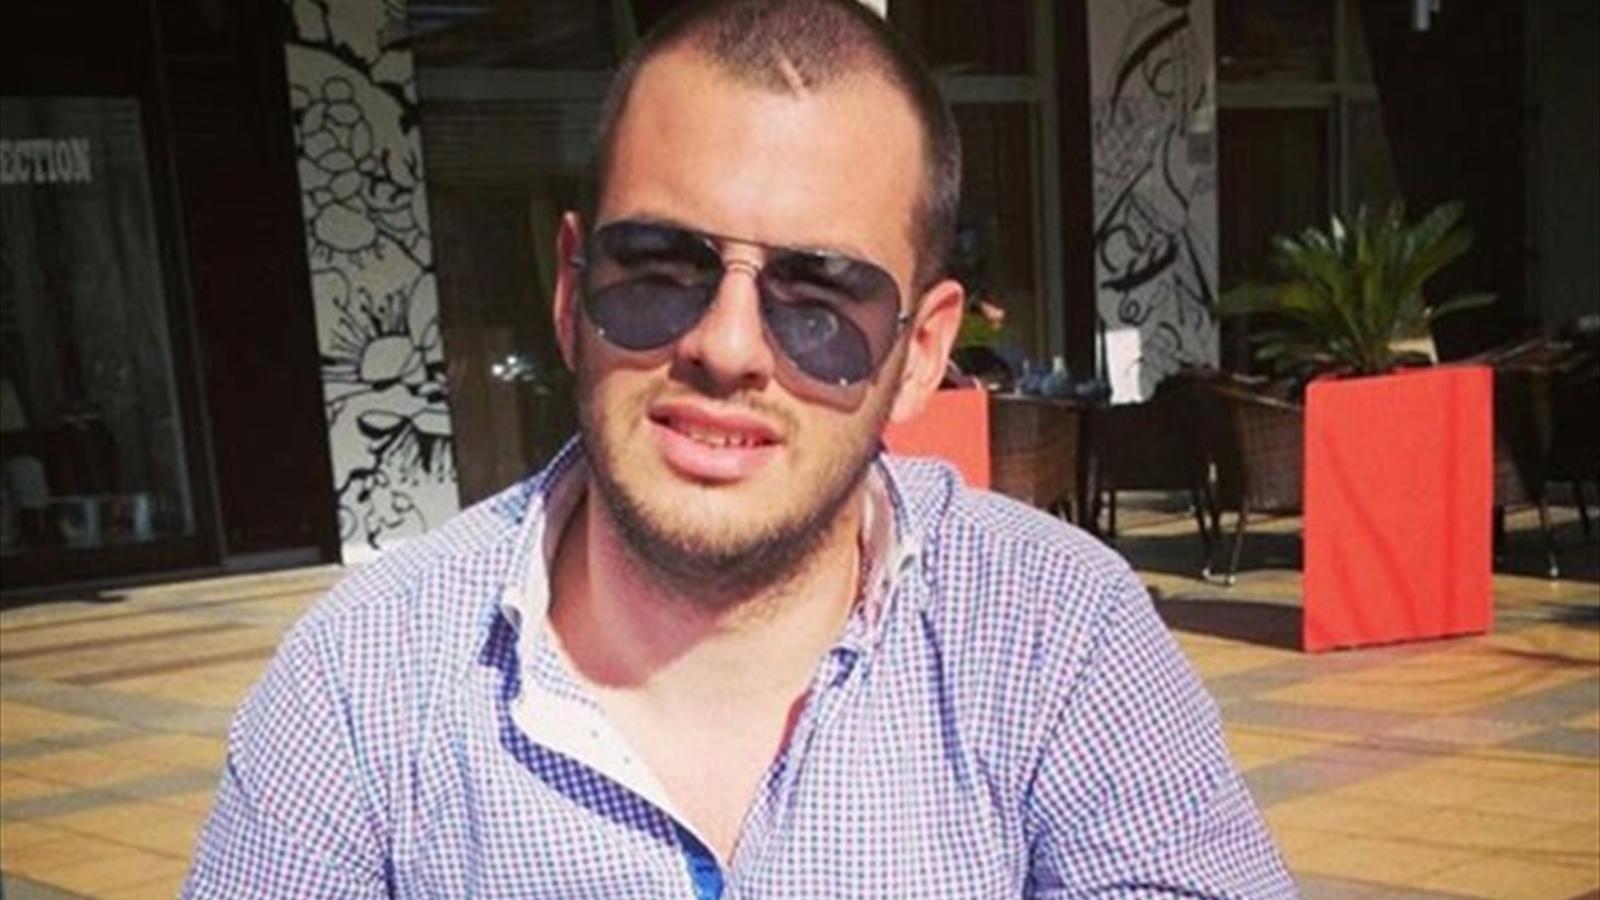 Photo of Черногорский фанат – дебошир, попавший фаером в Игоря Акинфеева, подарил ему часы Черногорский фанат - дебошир, попавший фаером в Игоря Акинфеева, подарил ему часы Черногорский фанат – дебошир, попавший фаером в Игоря Акинфеева, подарил ему часы 1451591 31028746 1600 900